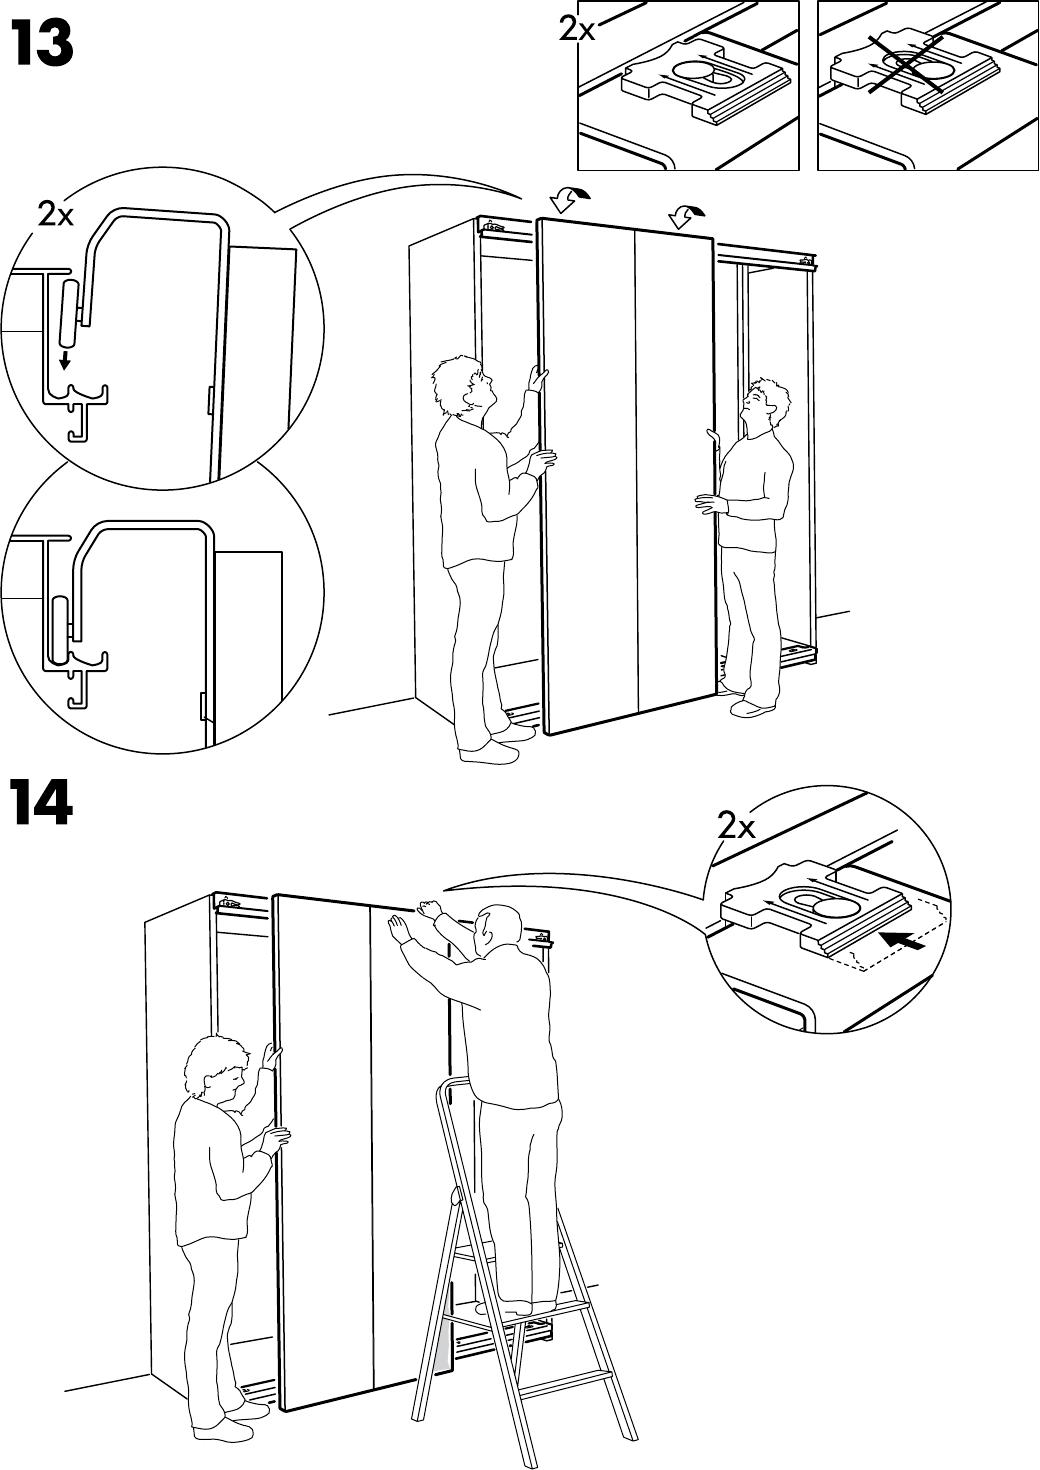 Ikea Schuifdeuren Monteren.Hasvik Schuifdeur Simple Vintage Retro Dressoir With Hasvik